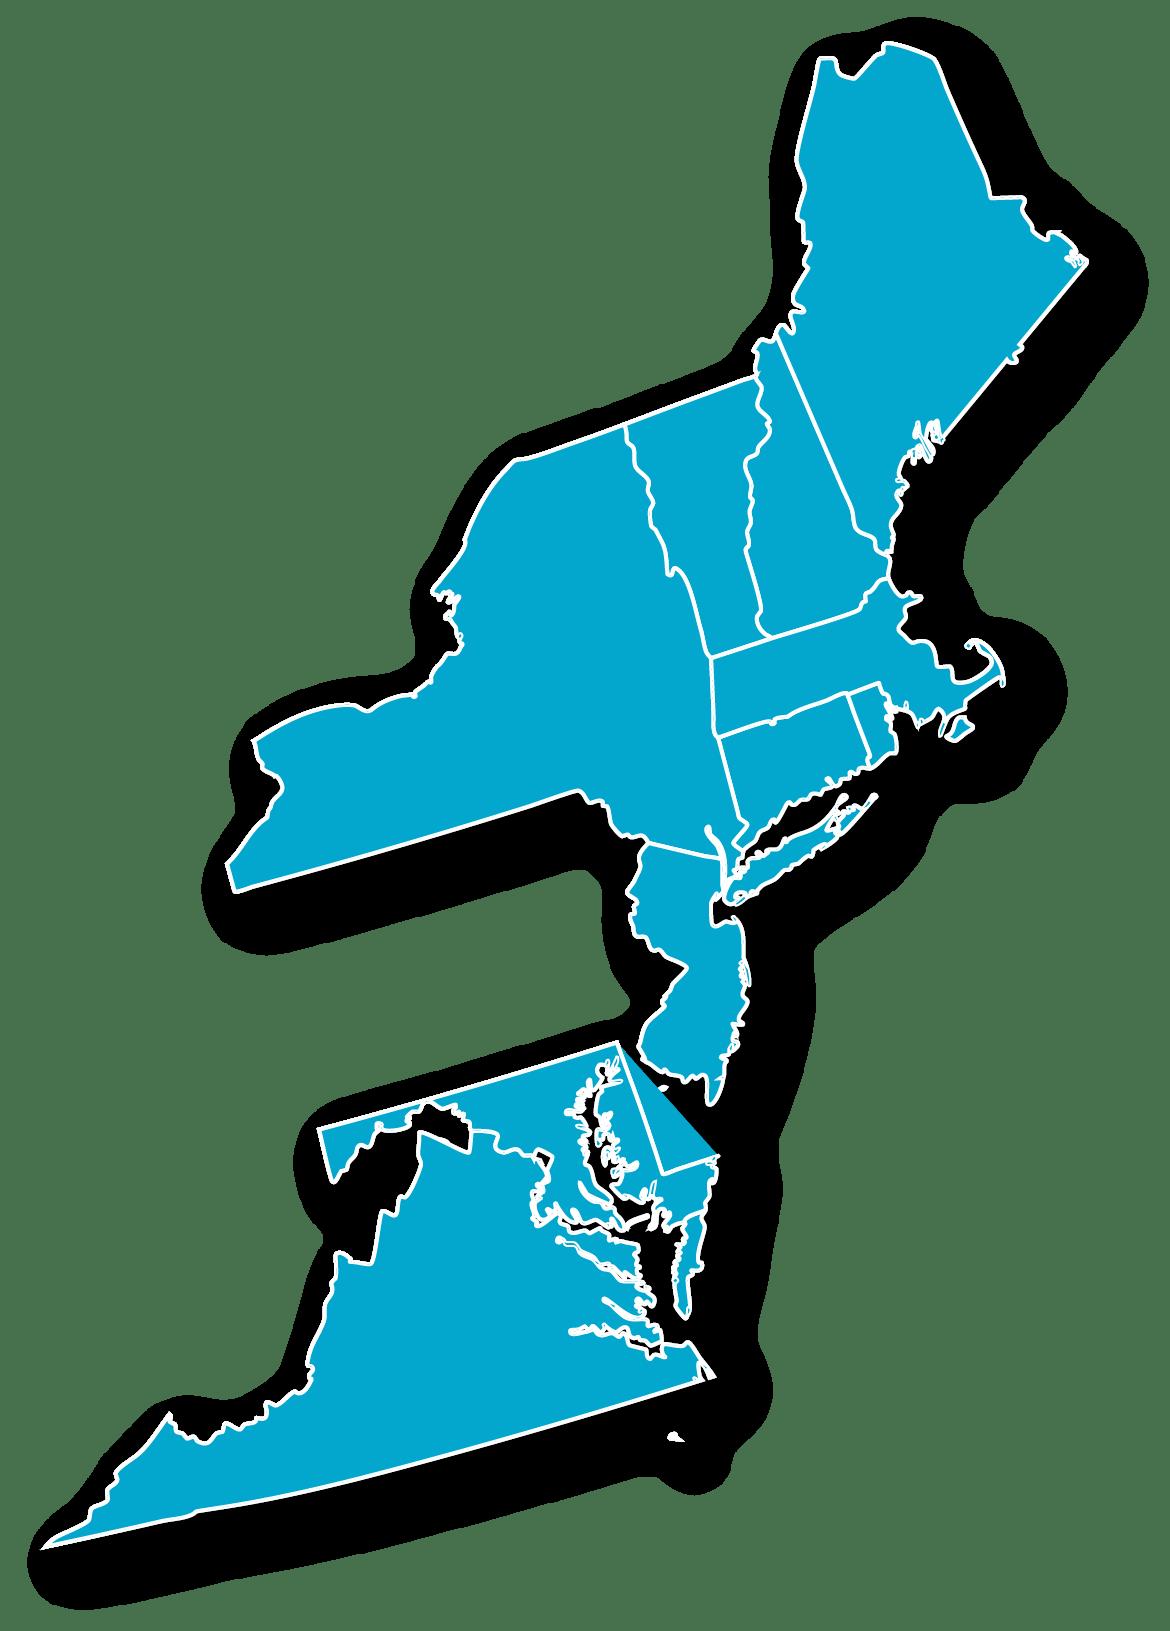 Northeast Map Blue@4x